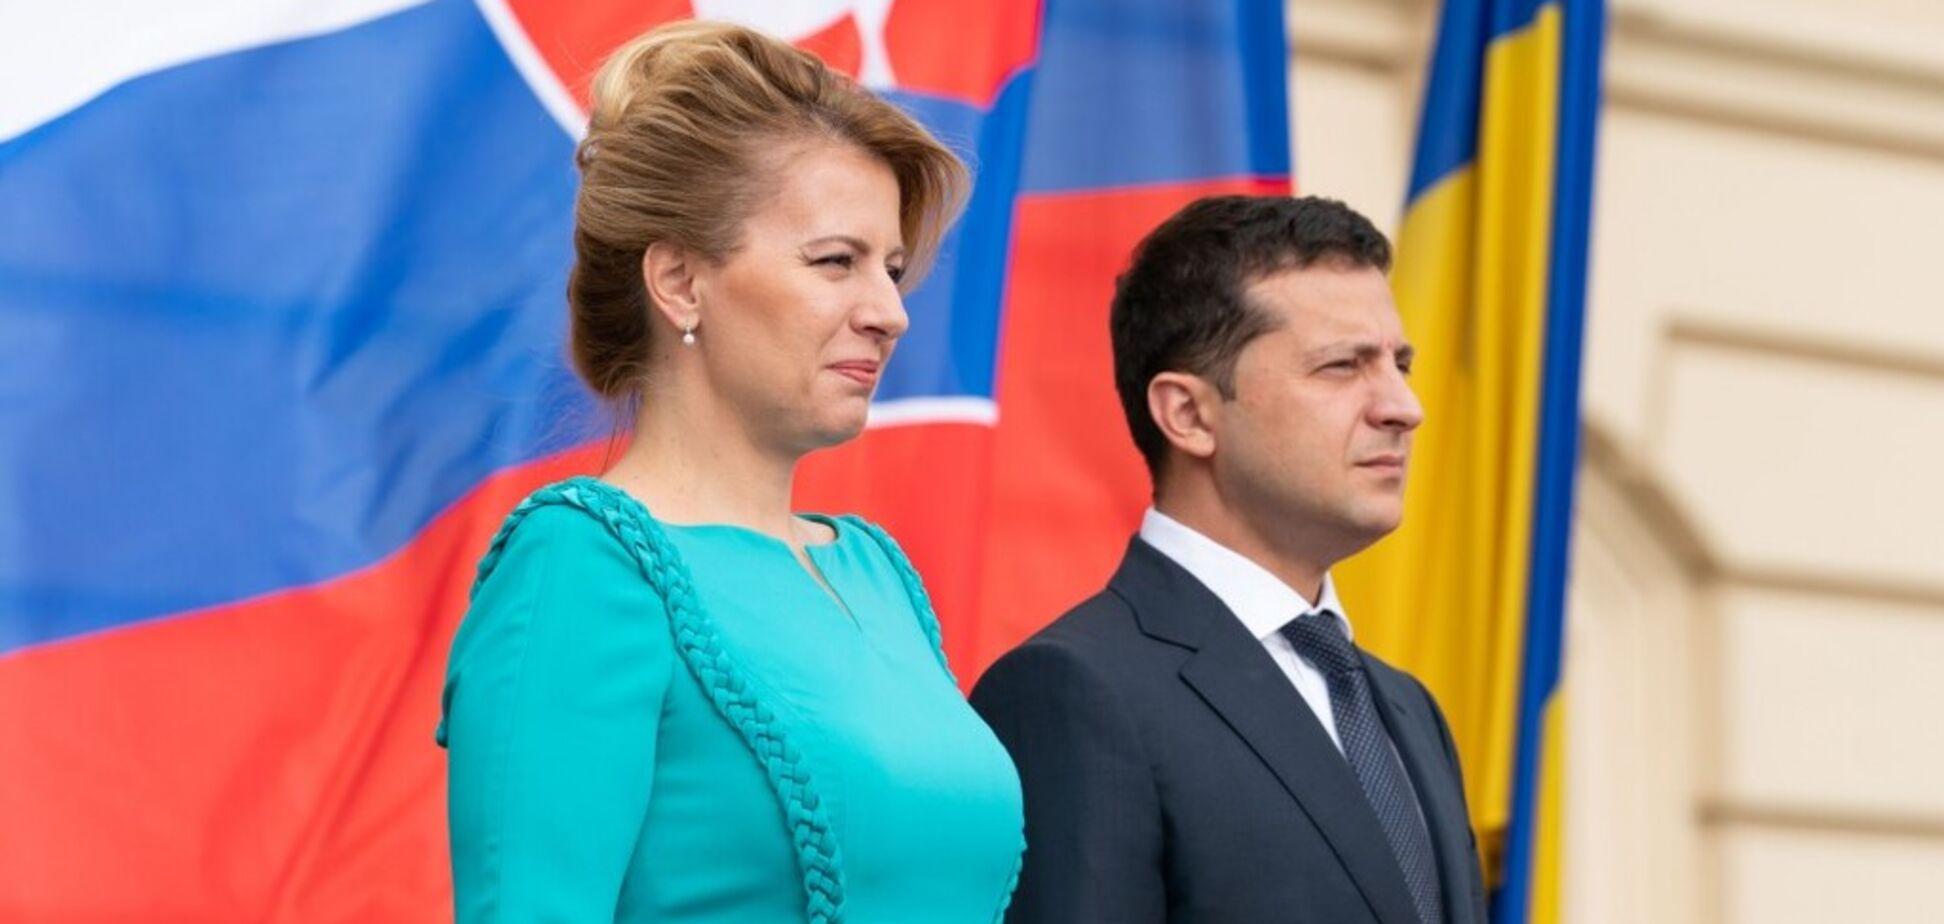 Членство в ЕС и НАТО: еще одна страна Европы выразила мощную поддержку Украине